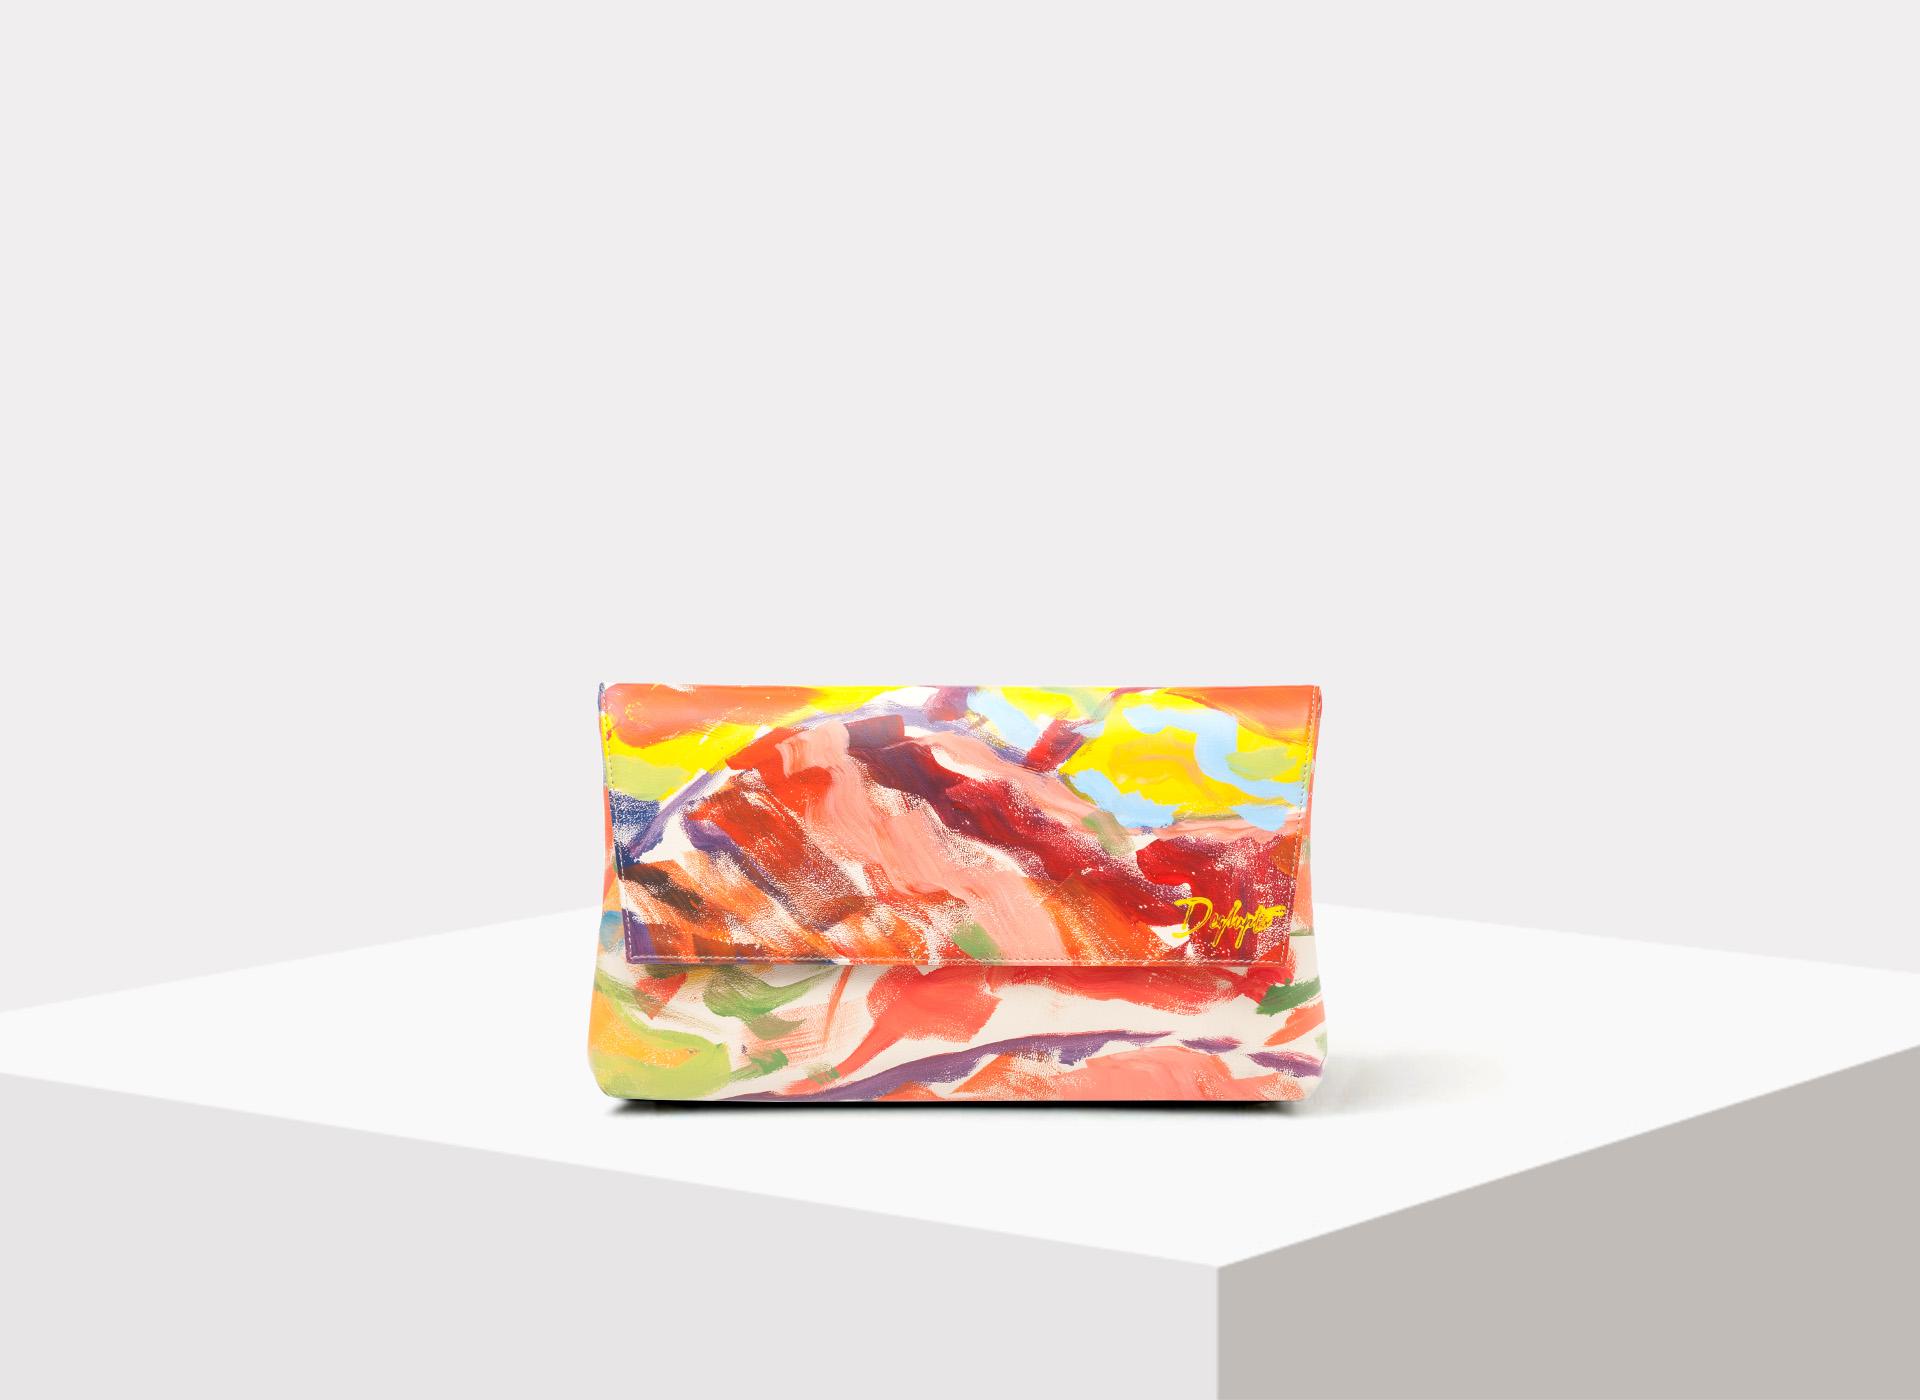 Bonsai 5006030004 - Deglupta